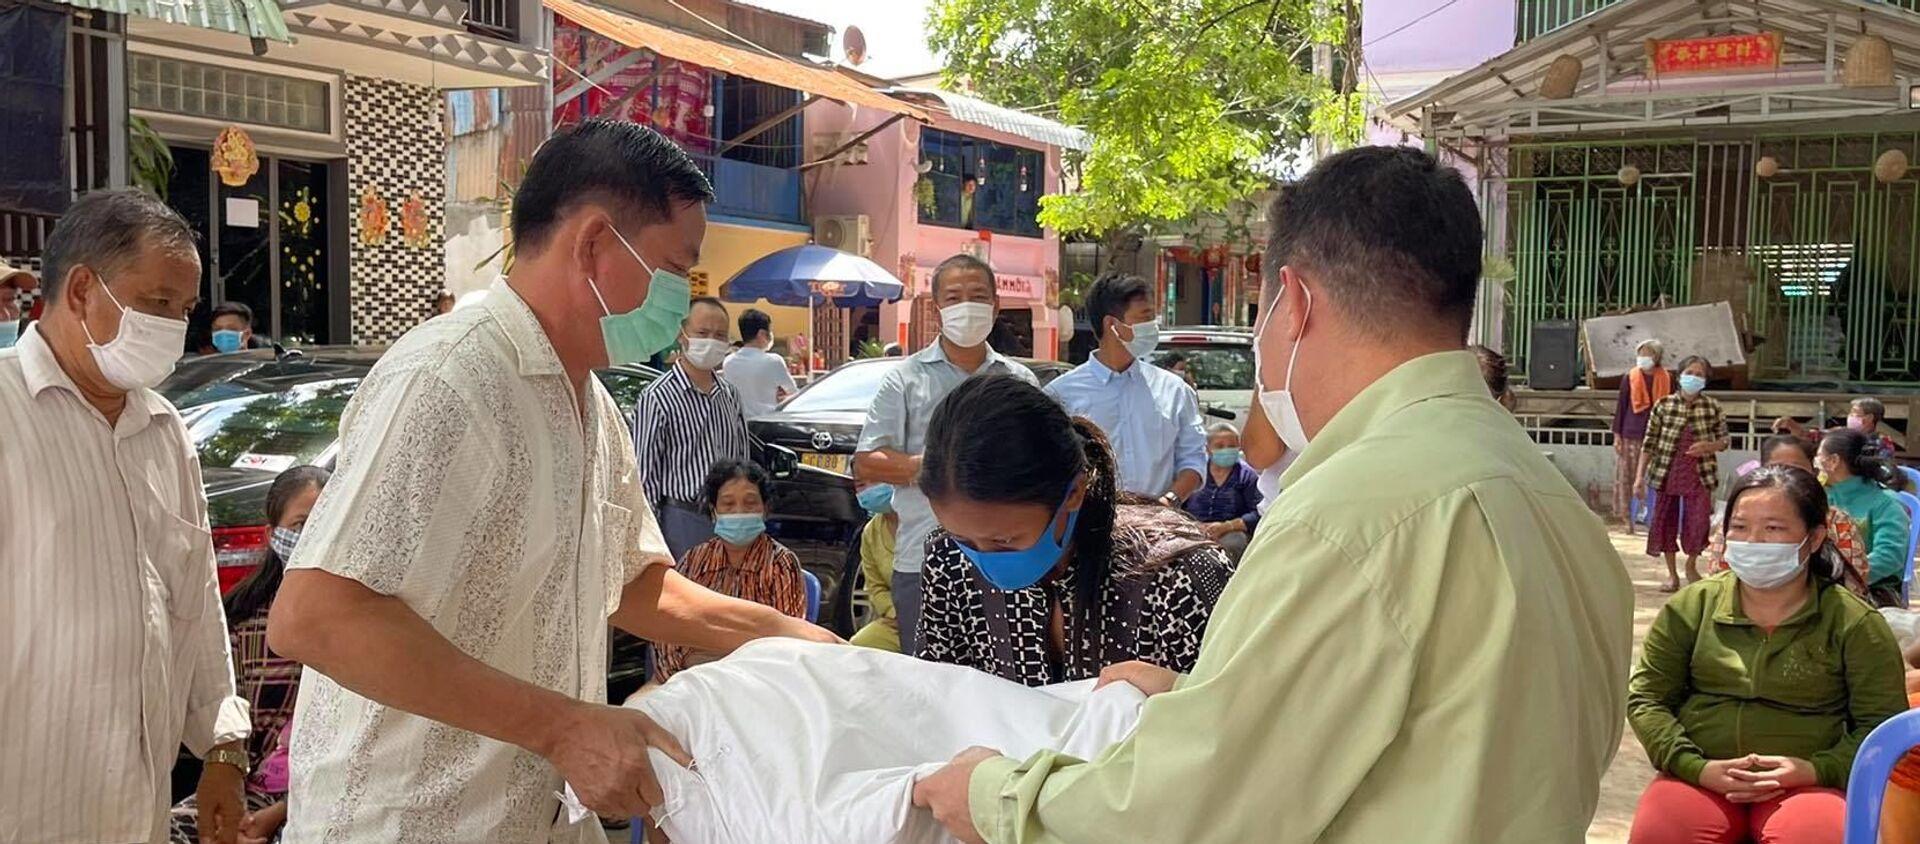 Trao tặng gạo cho người Campuchia gốc Việt sáng 24-4 - Sputnik Việt Nam, 1920, 26.04.2021